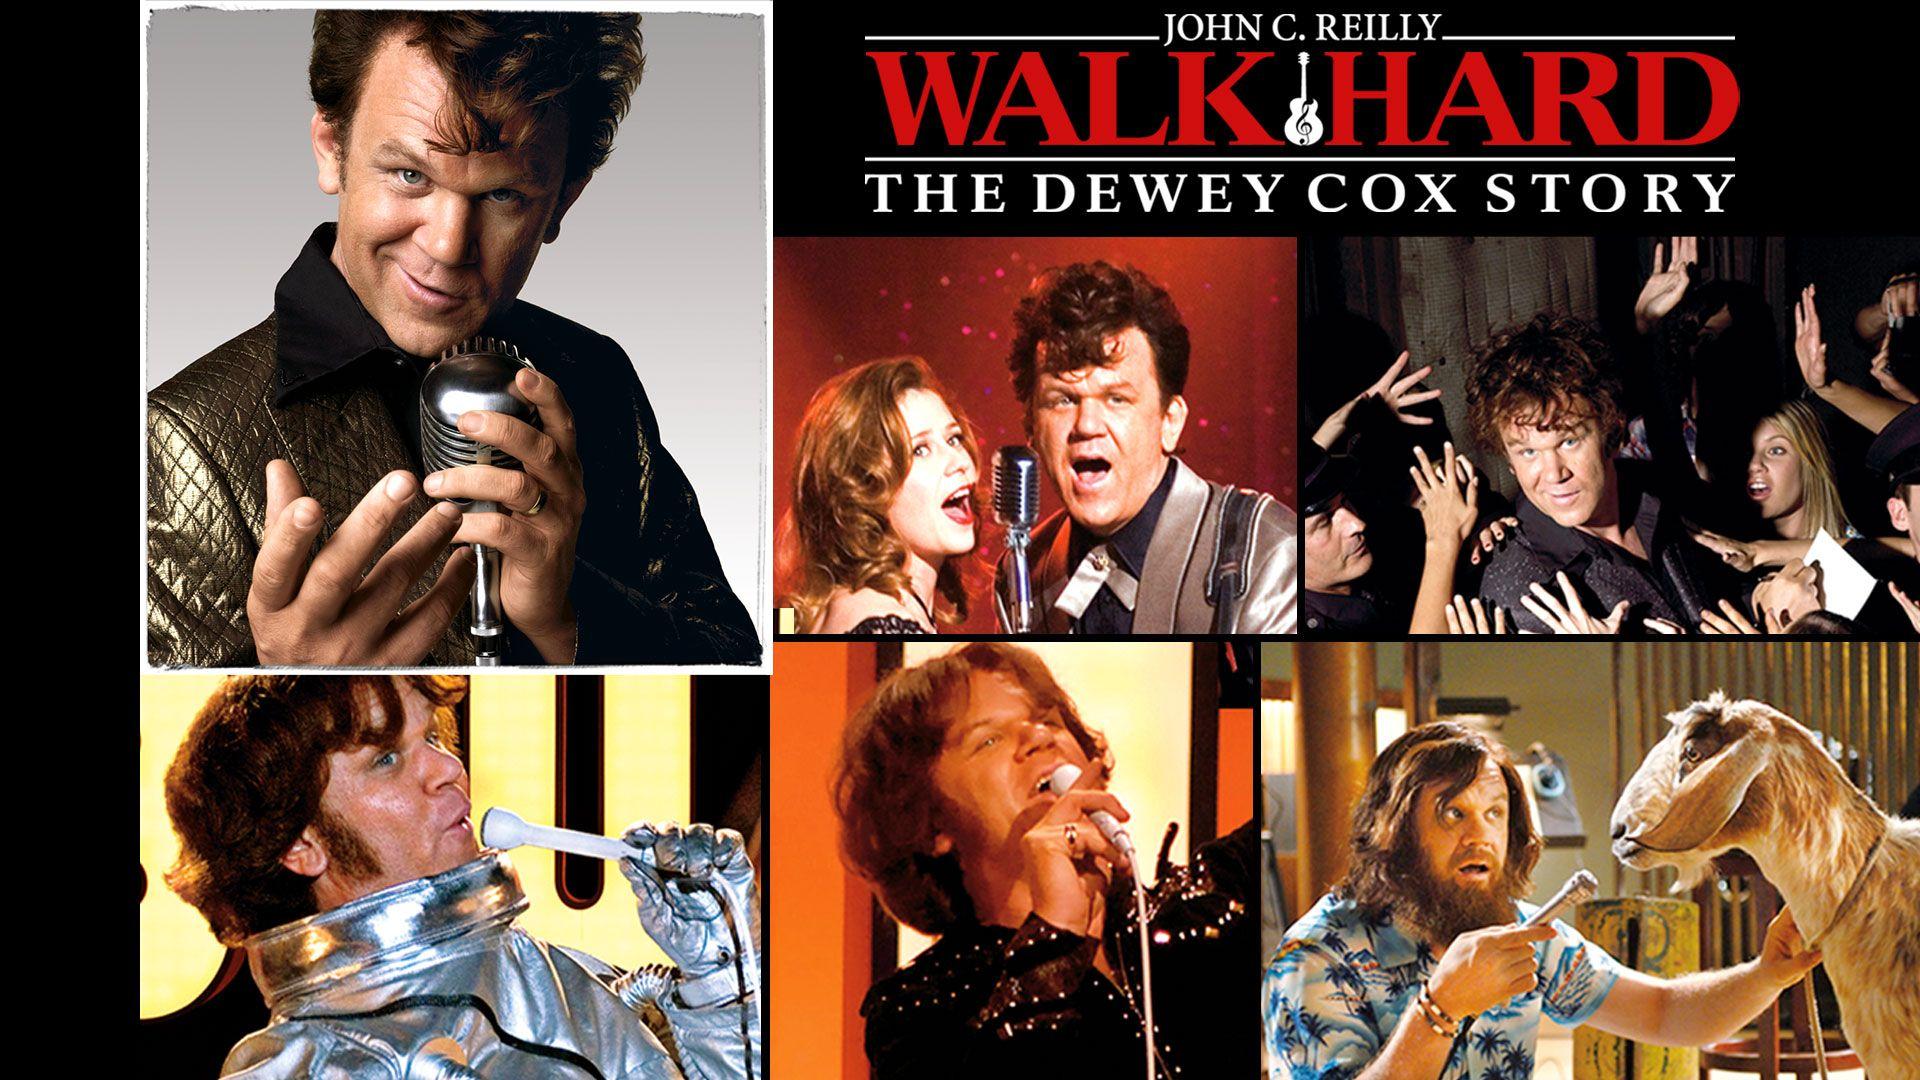 walk the line movie online free